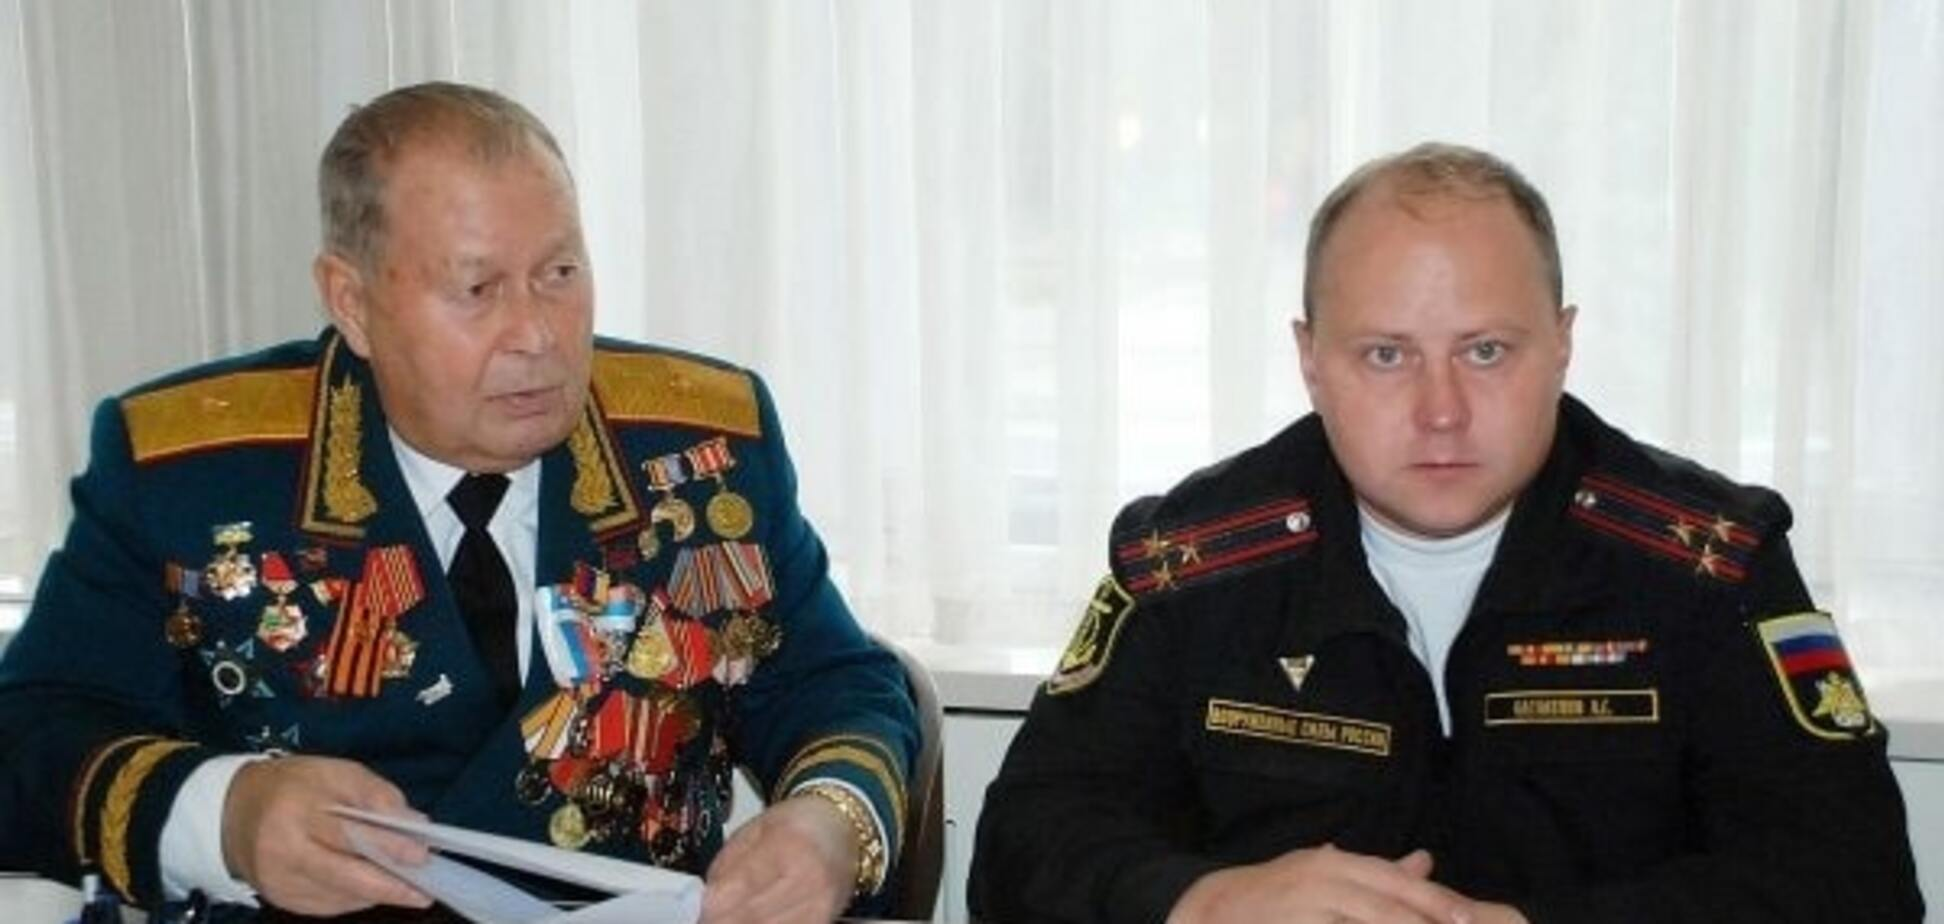 Марина Михайленко, Юрий Михайленко, оккупация Крыма